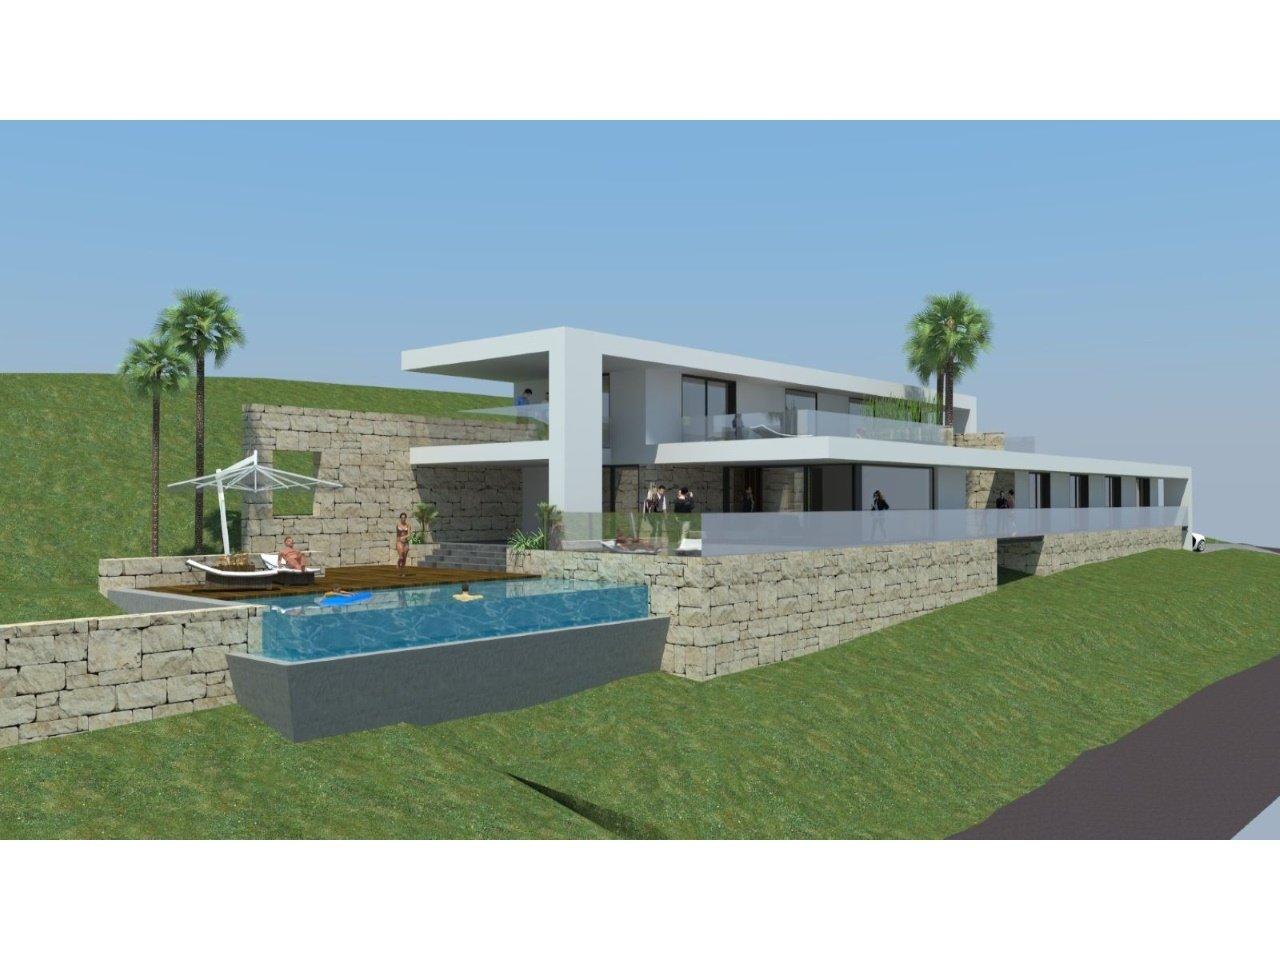 5 Bedroom Plot Loule, Central Algarve Ref: APA58